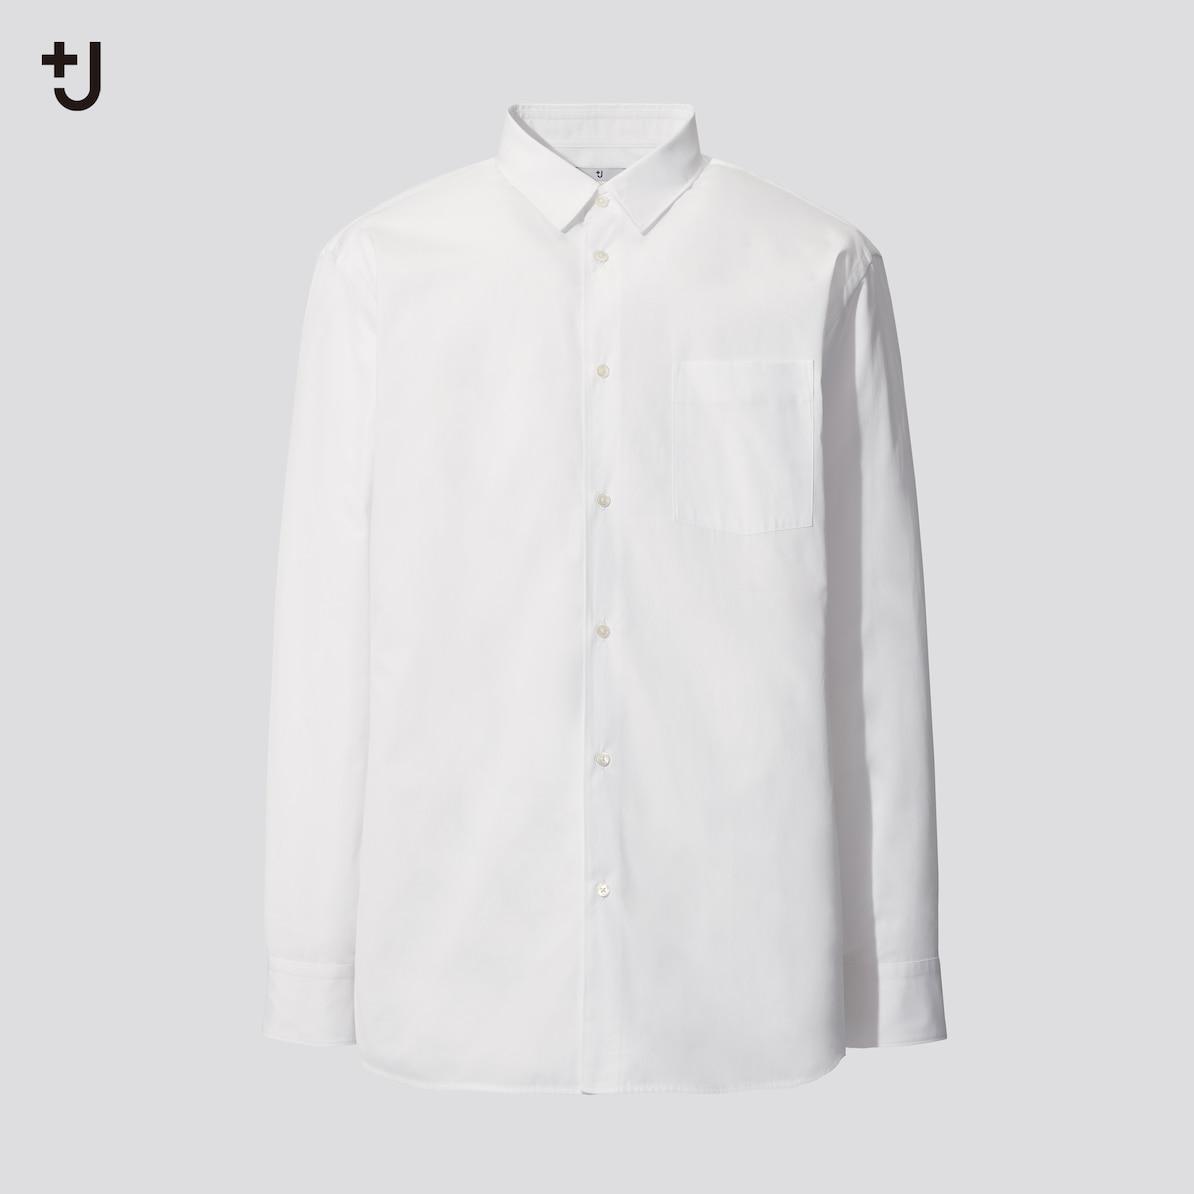 スーピマコットンレギュラーフィットシャツ(3,990円)